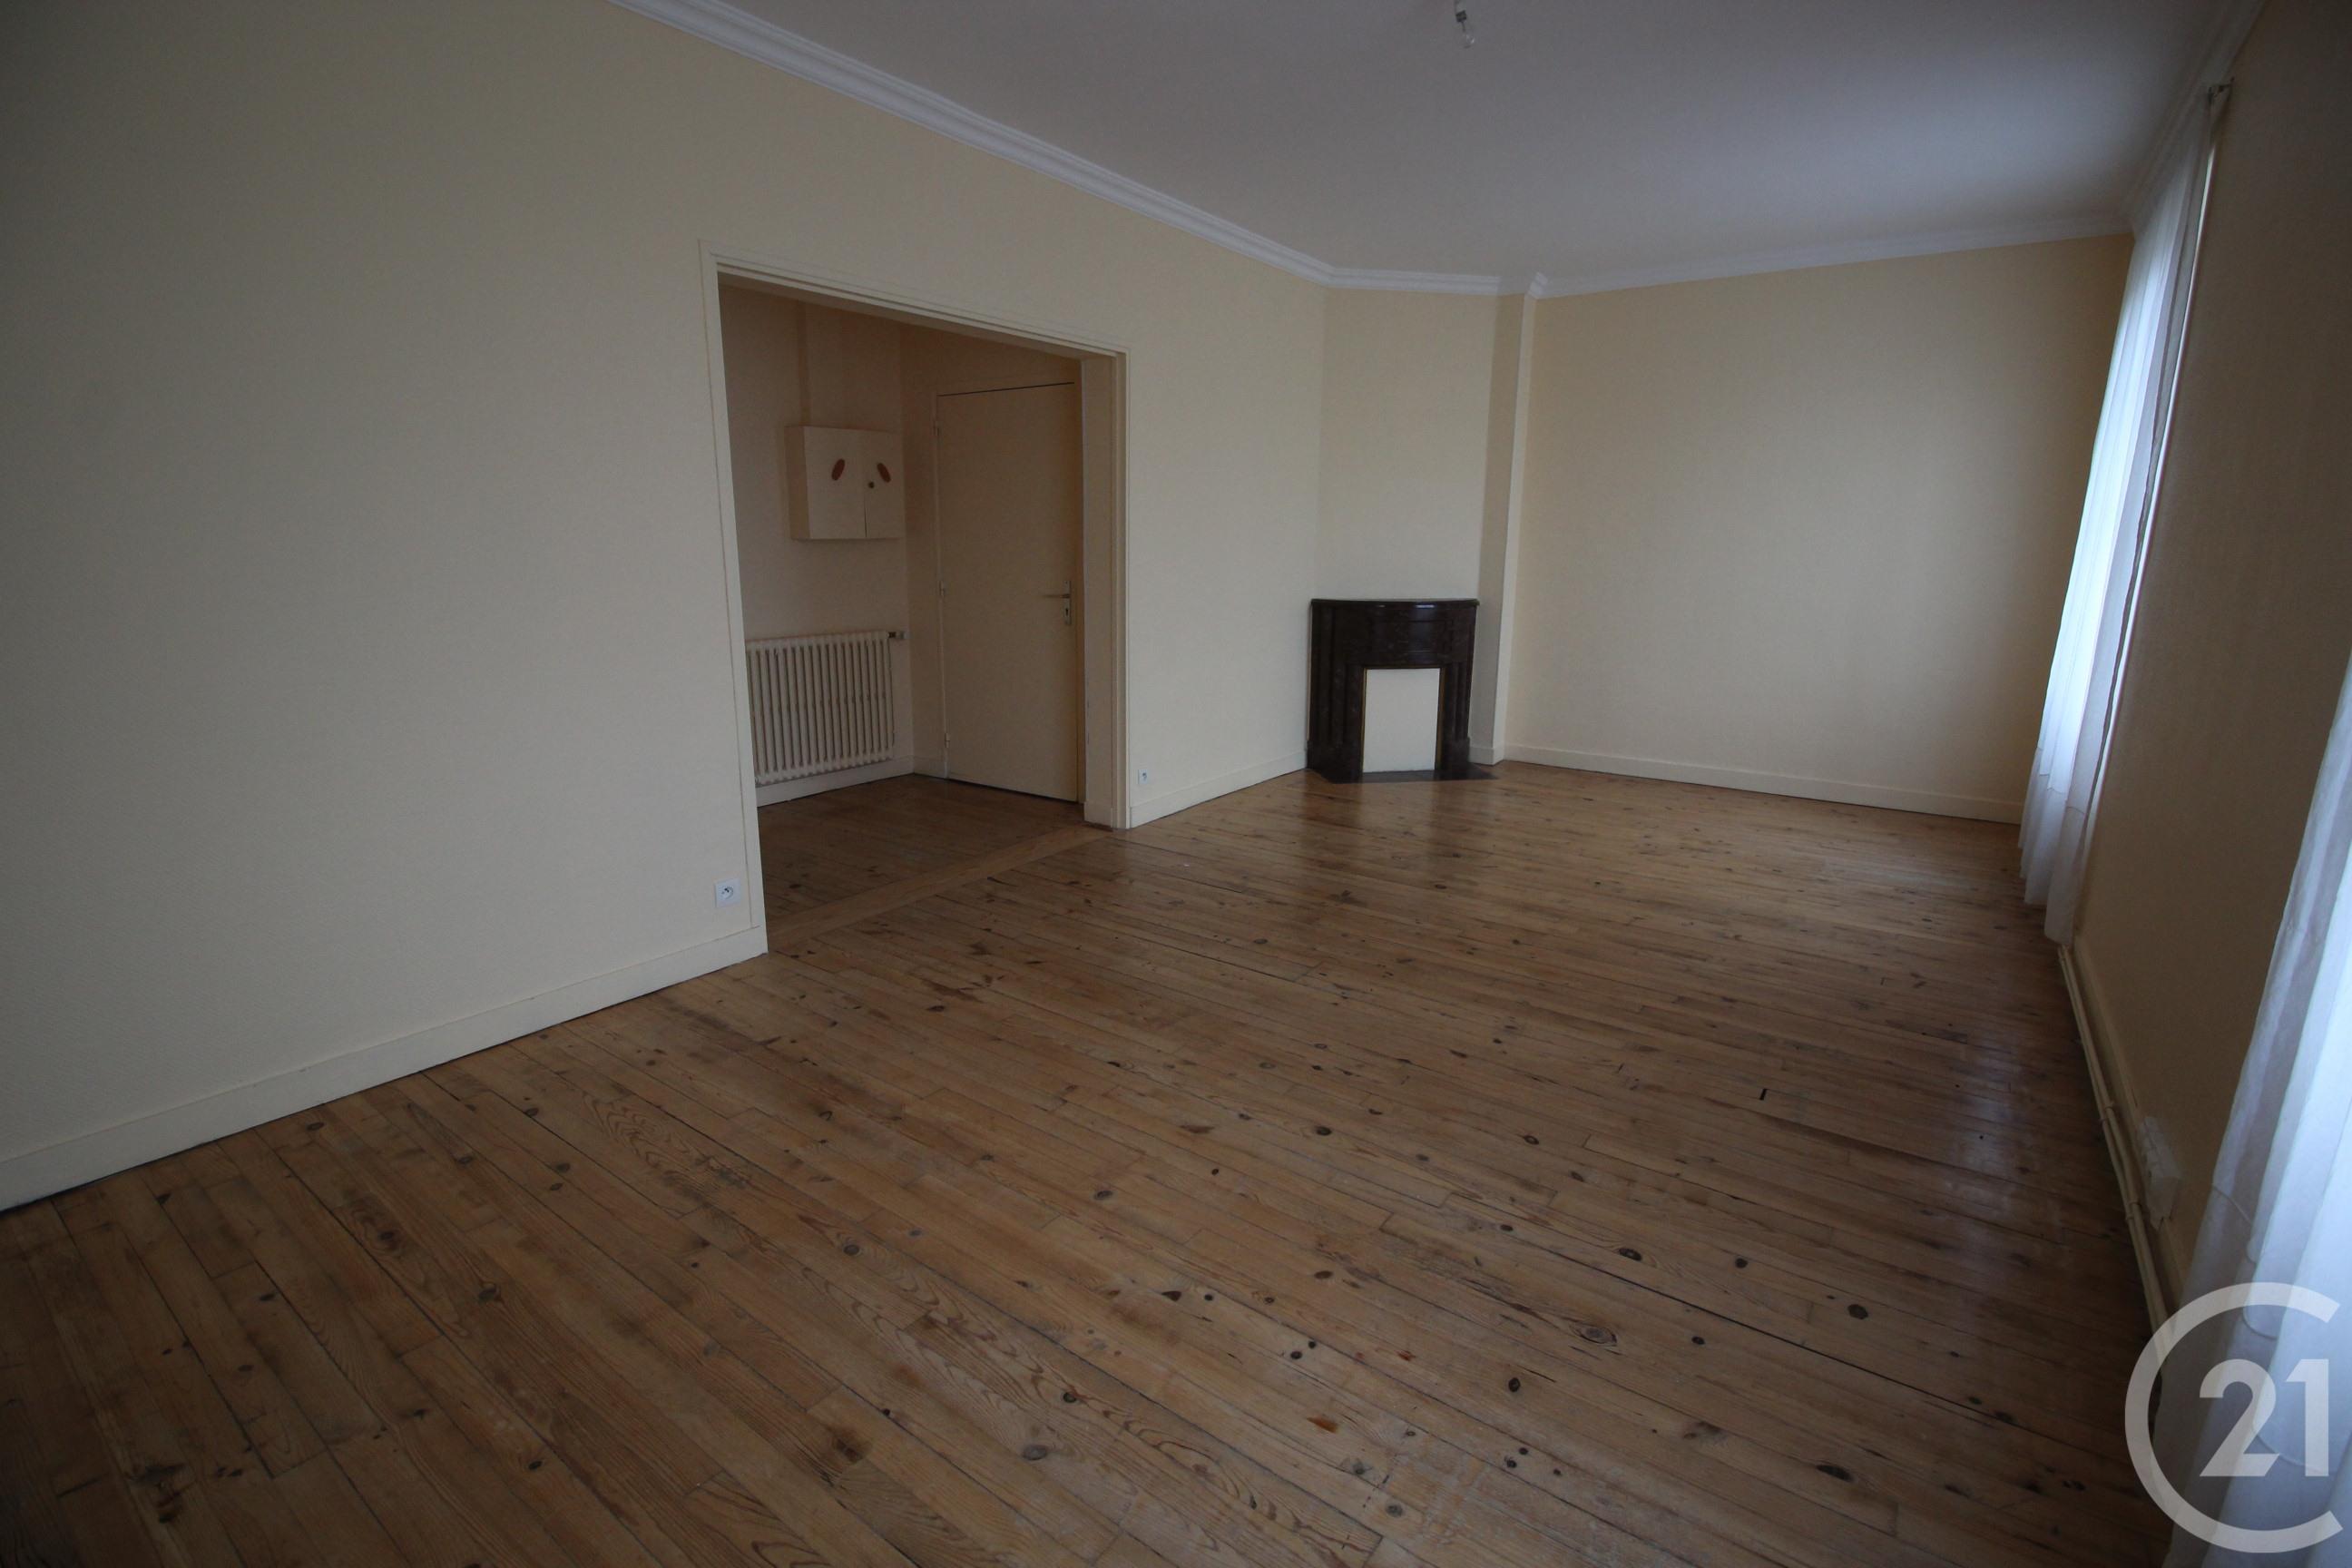 appartement f3 vendre 3 pices 78 m2 argentan 61 basse normandie